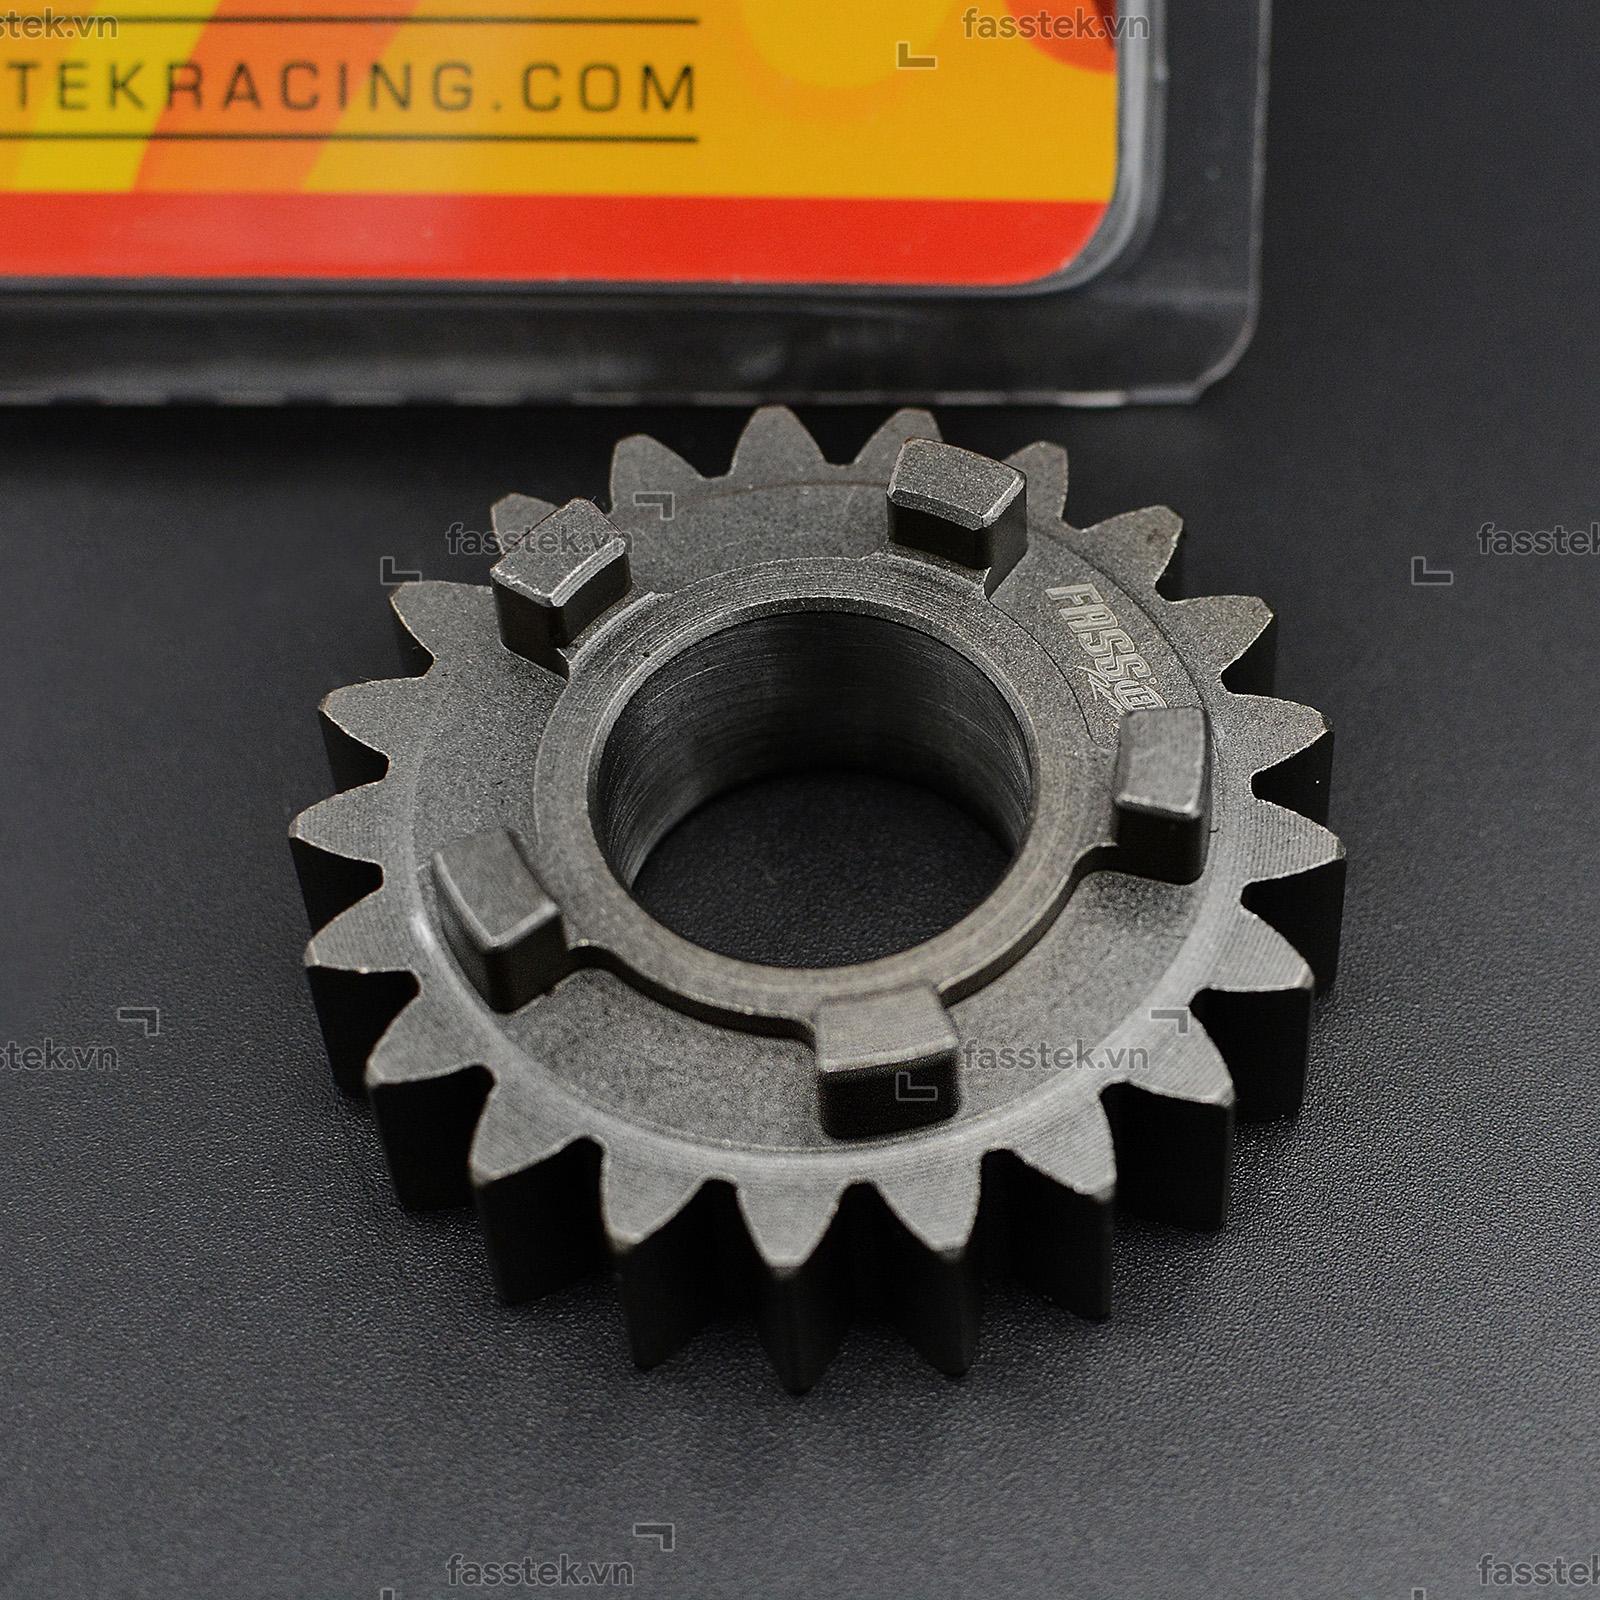 Nhông số đấu Fasstek Racing số 5TH cho Exciter 150